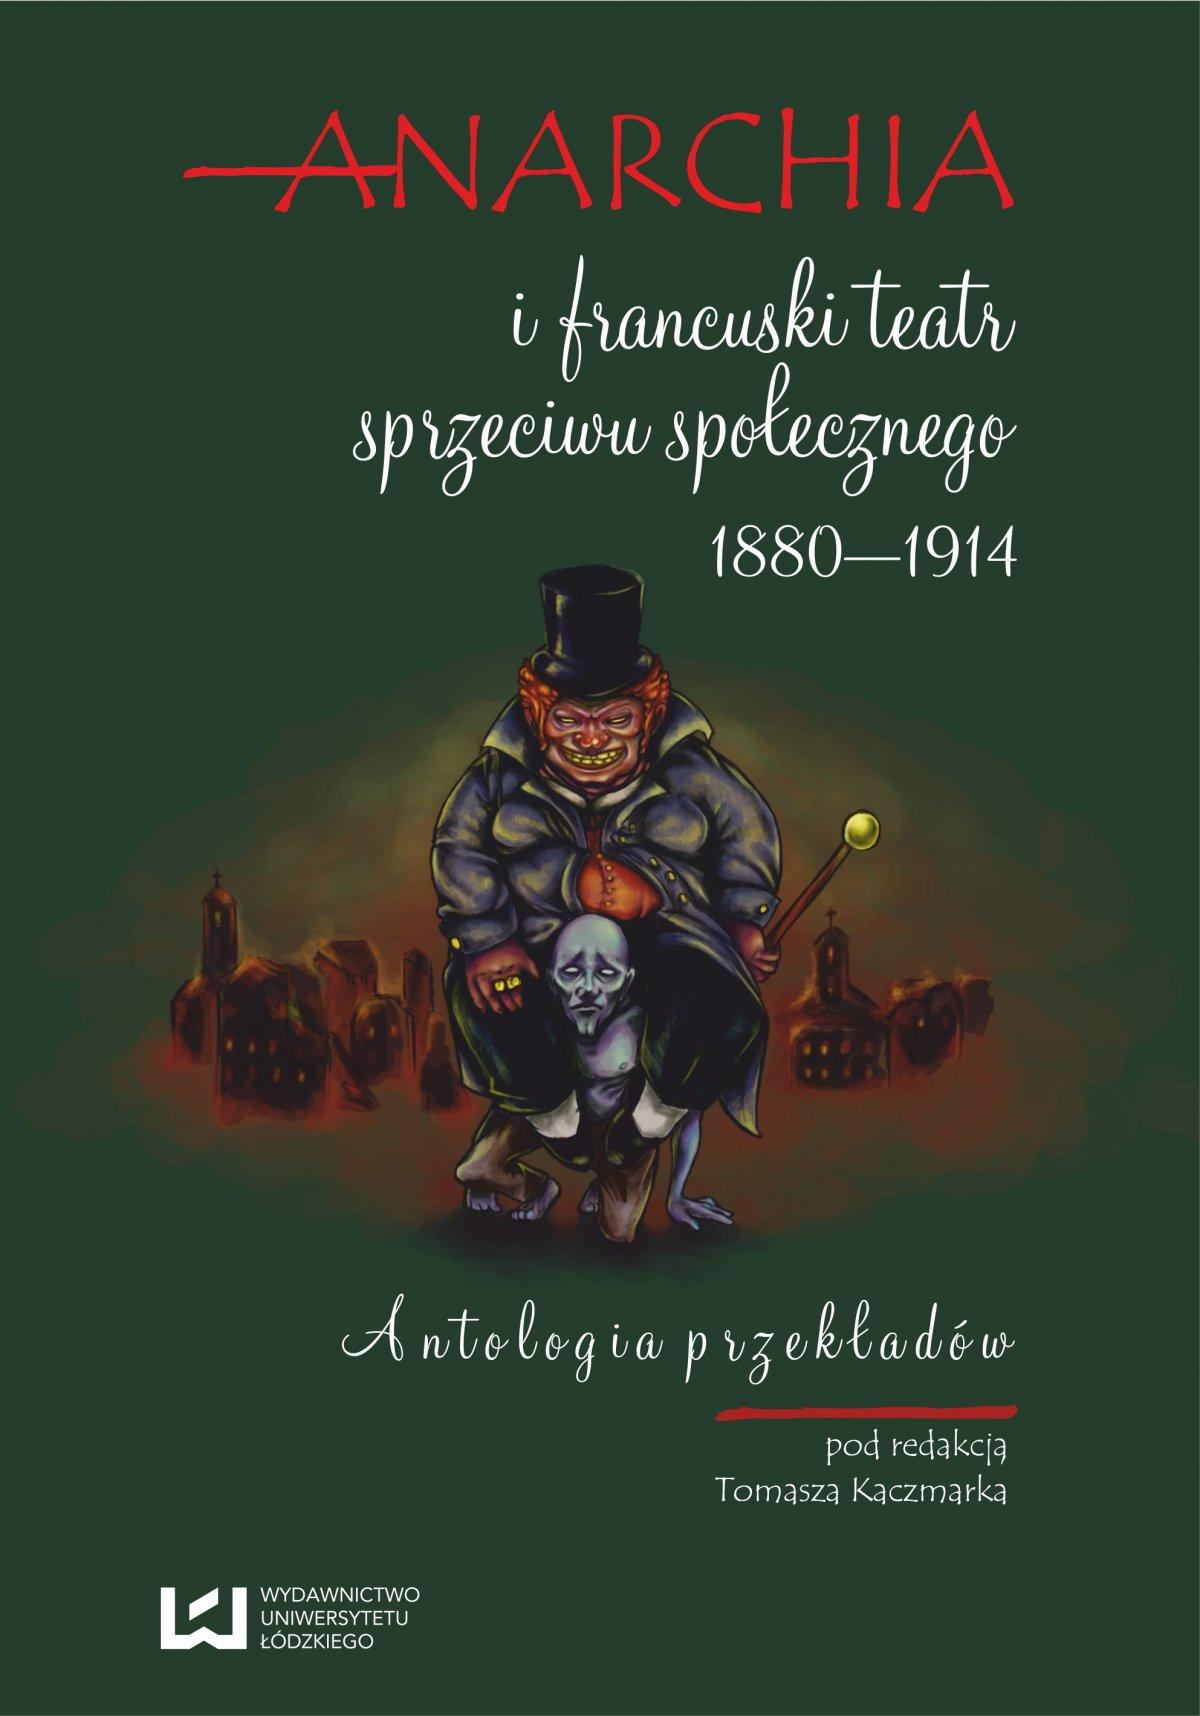 Anarchia i francuski teatr sprzeciwu społecznego 1880‒1914. Antologia przekładów - Ebook (Książka PDF) do pobrania w formacie PDF